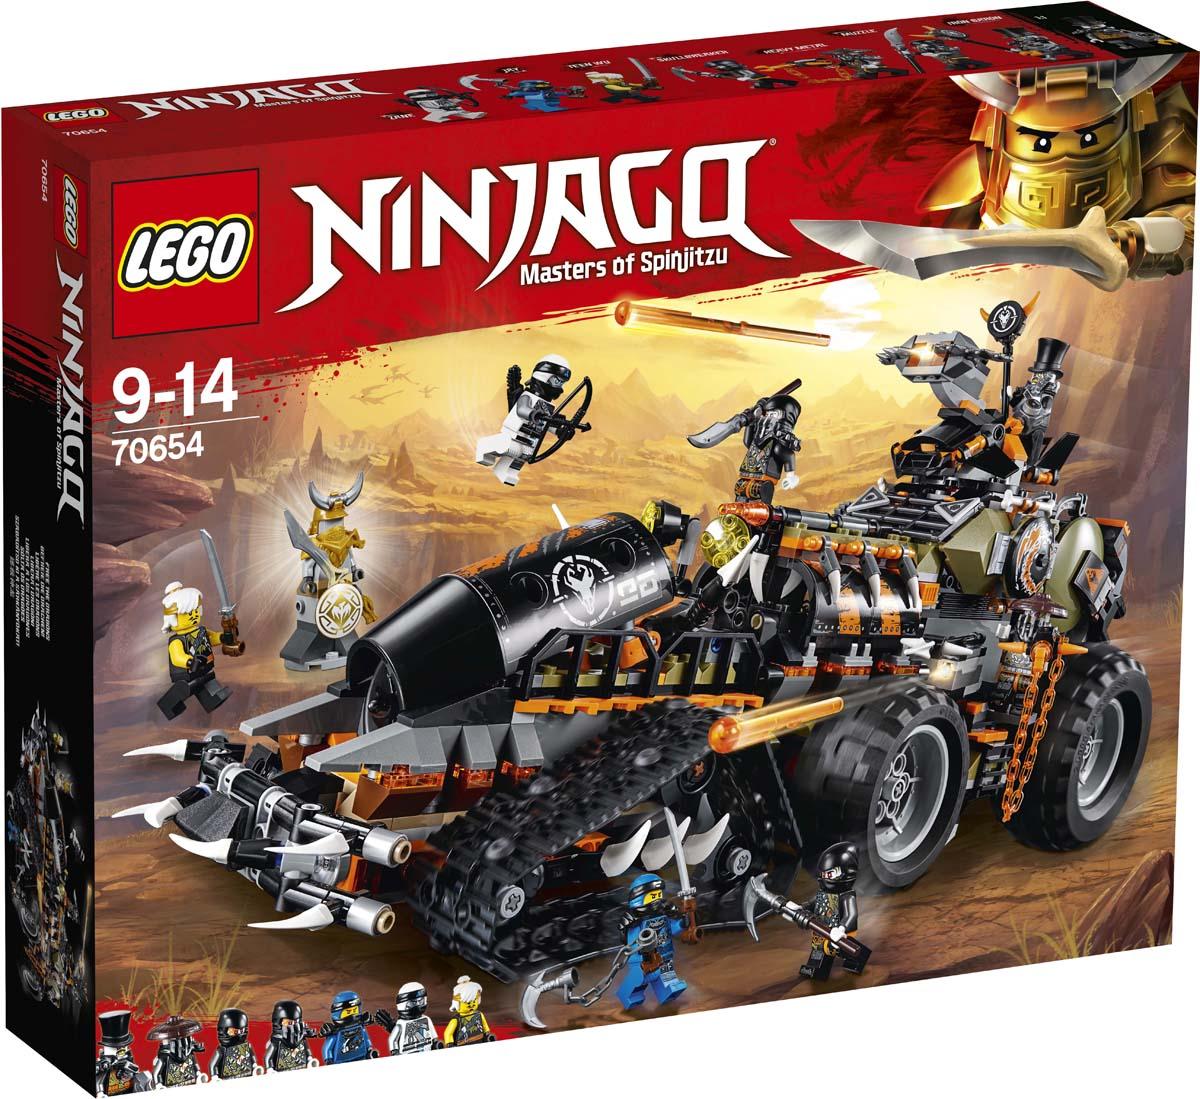 LEGO Ninjago Конструктор Стремительный странник 70654 lego конструктор lego ninjago 70654 стремительный странник